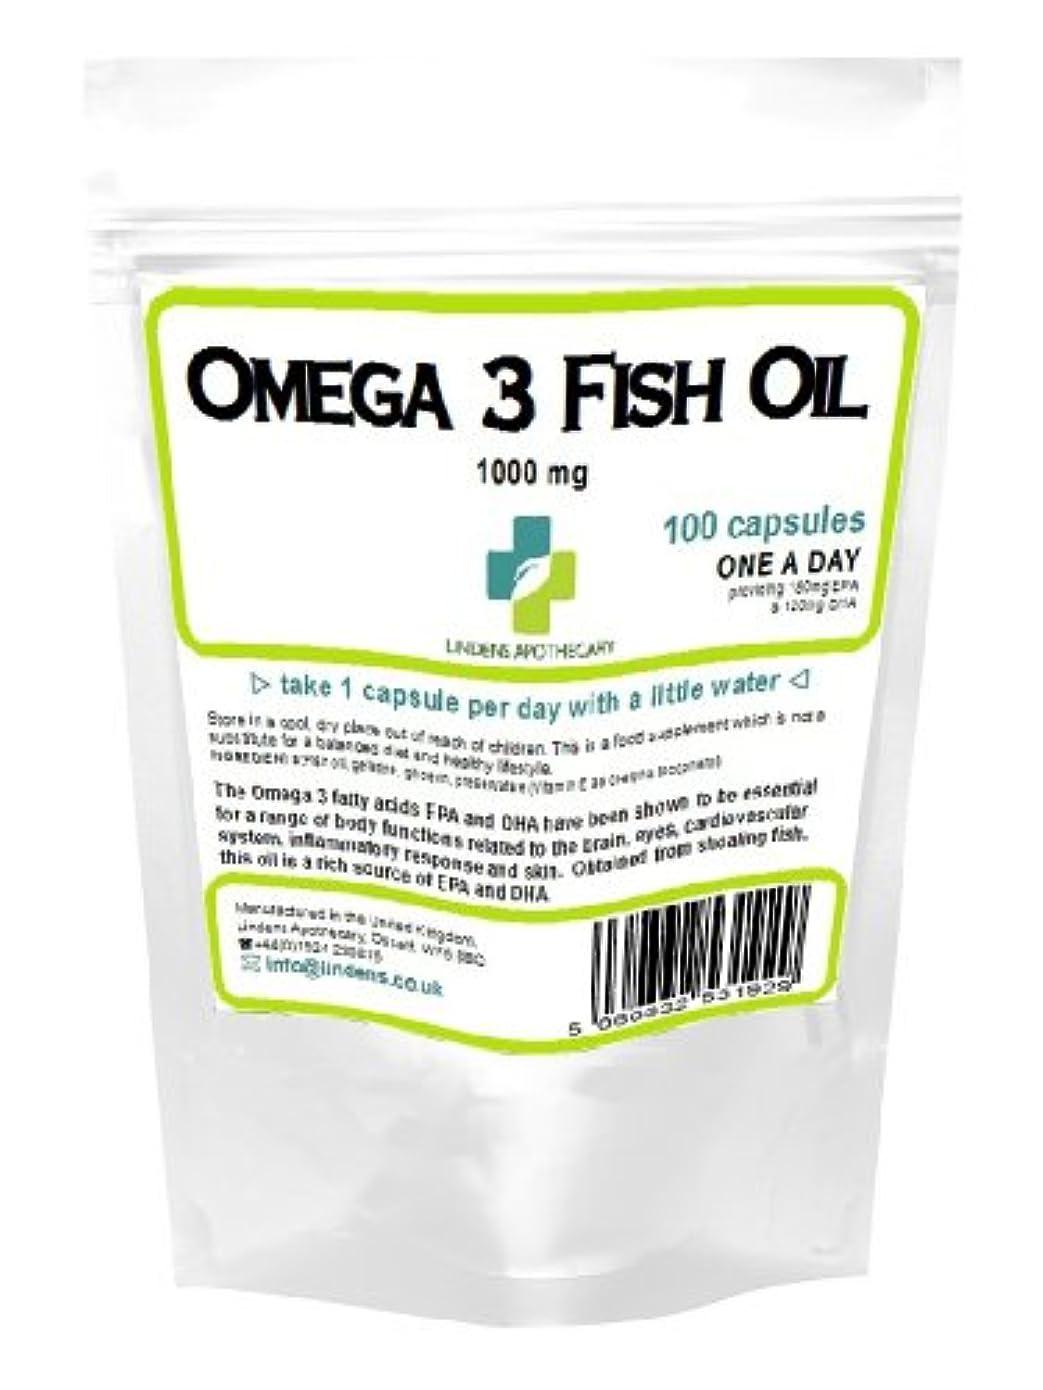 治療局展開するオメガ3フィッシュオイル100カプセル1000ミリグラム品質のソフトジェル